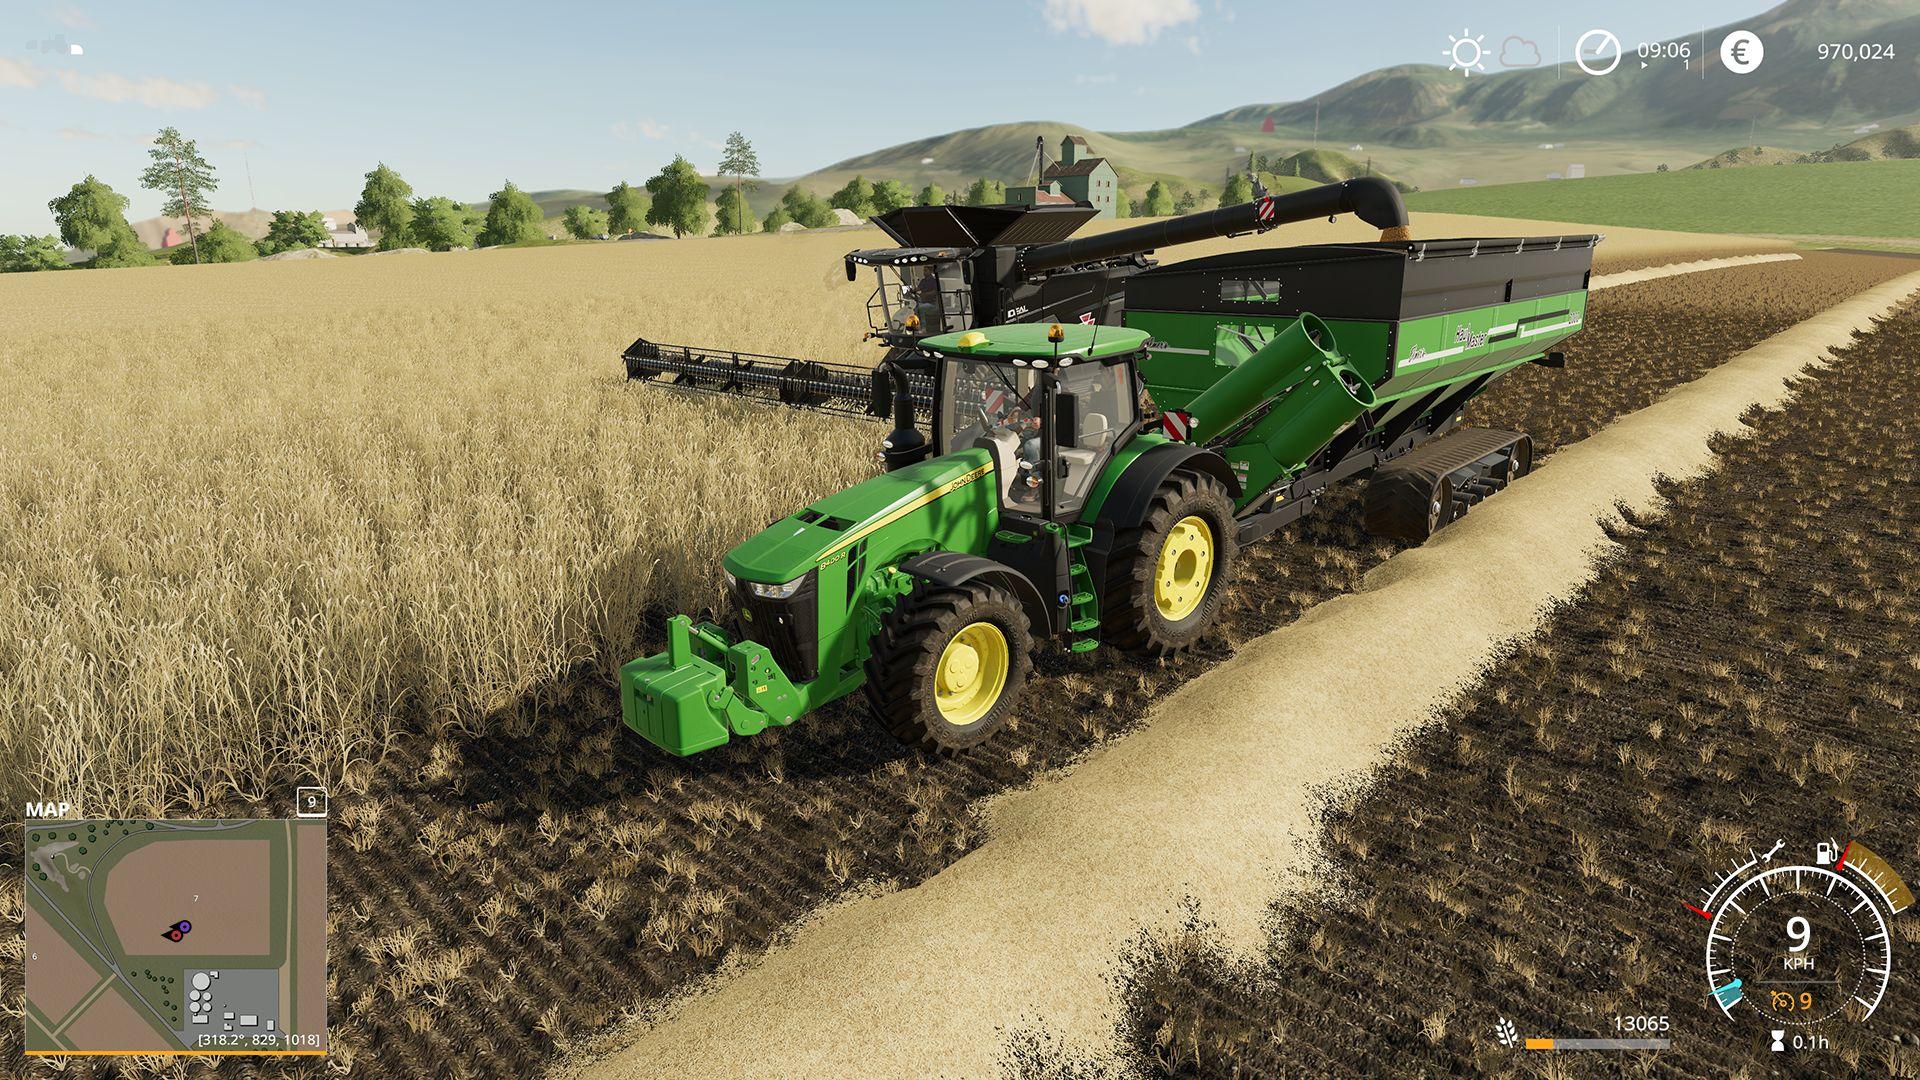 Přepracovaný systém misí ve Farming Simulatoru 19 Farming Simulator 19 02